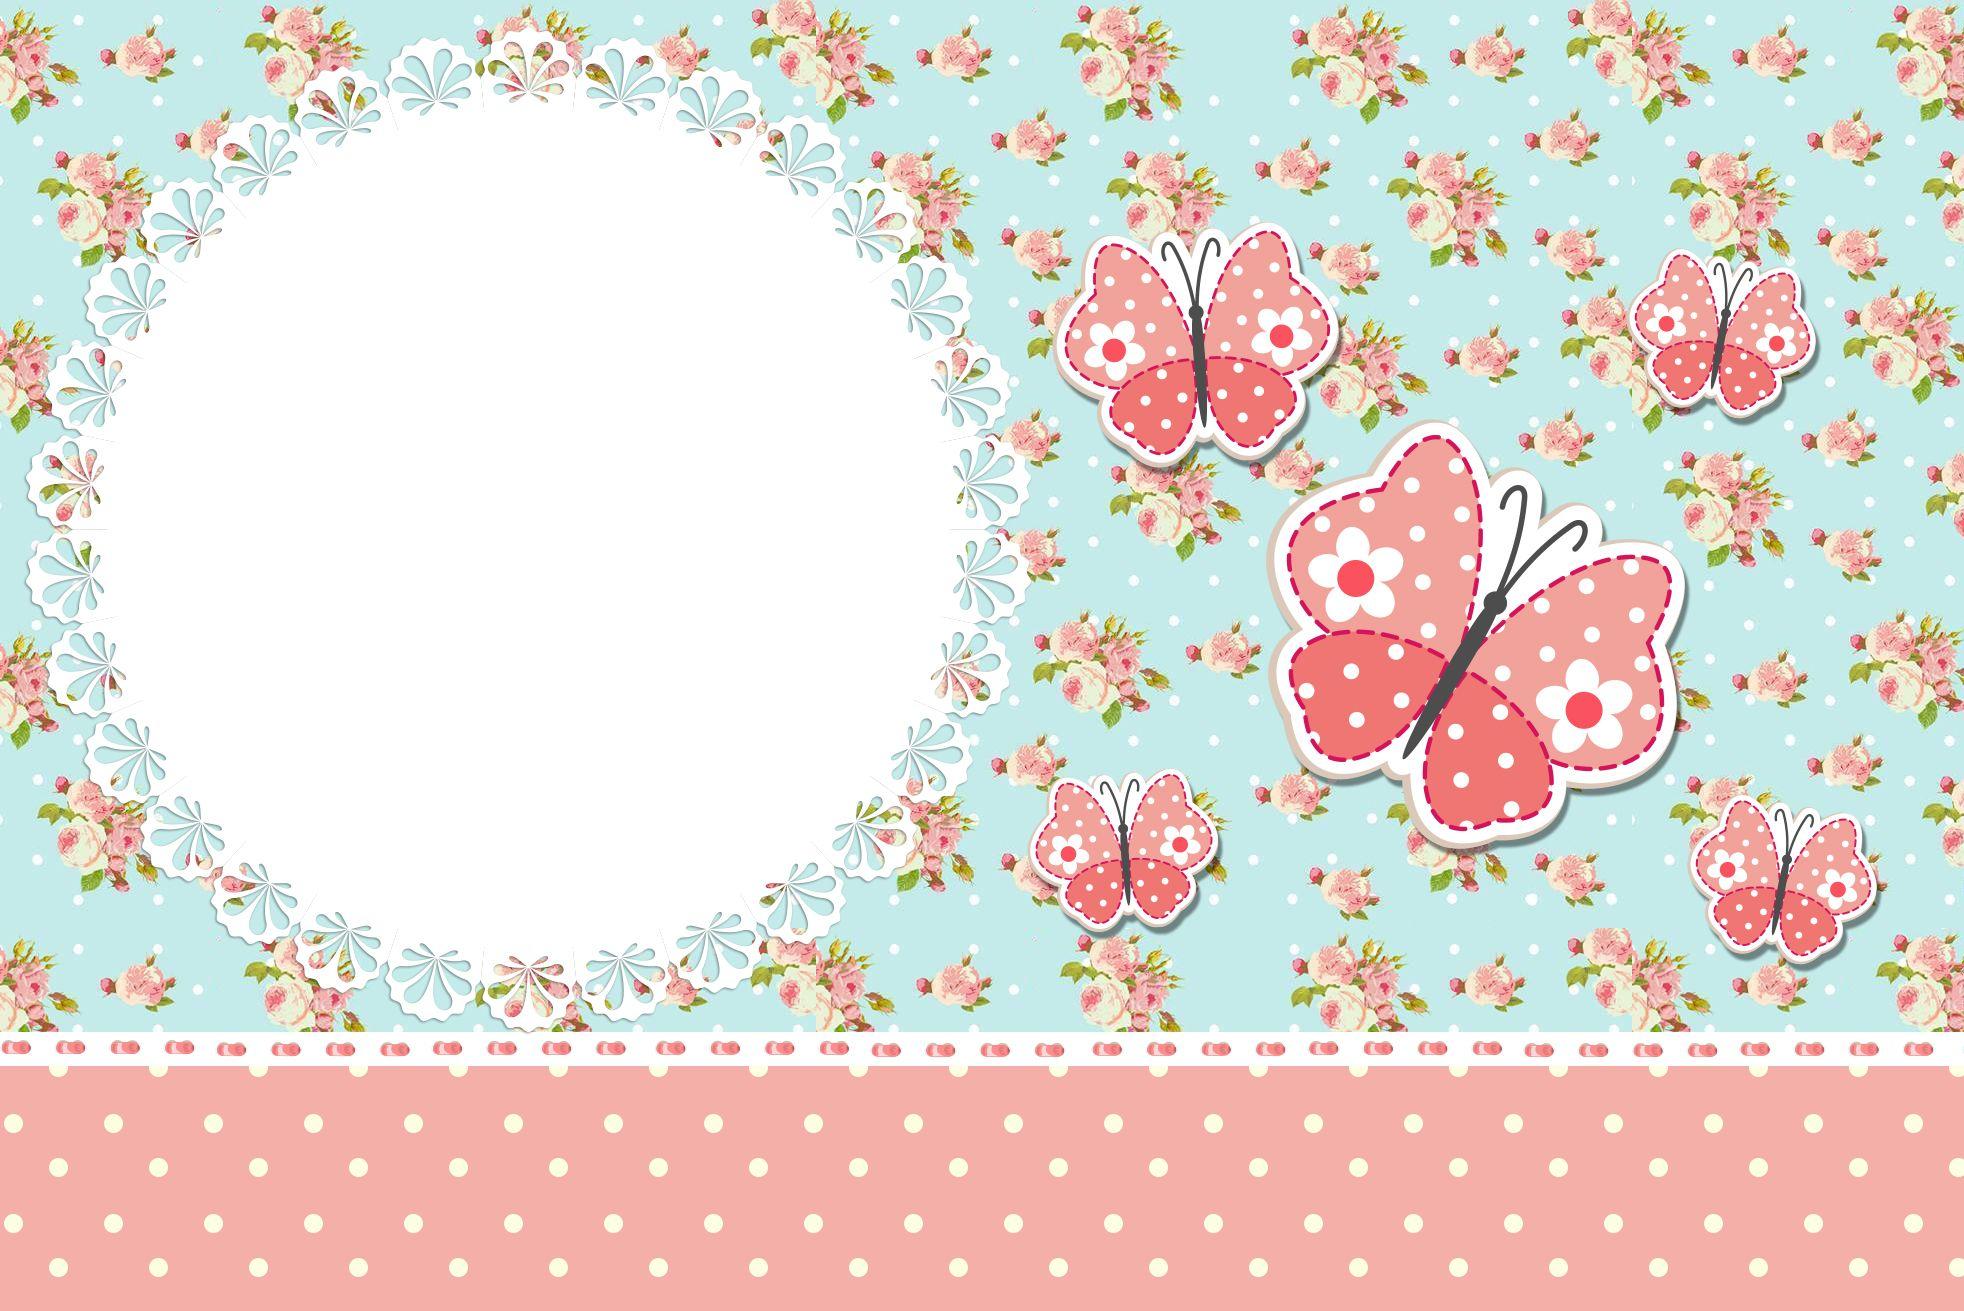 Convite 03 Jardim Encantado Vintage Floral  Kit Completo com molduras